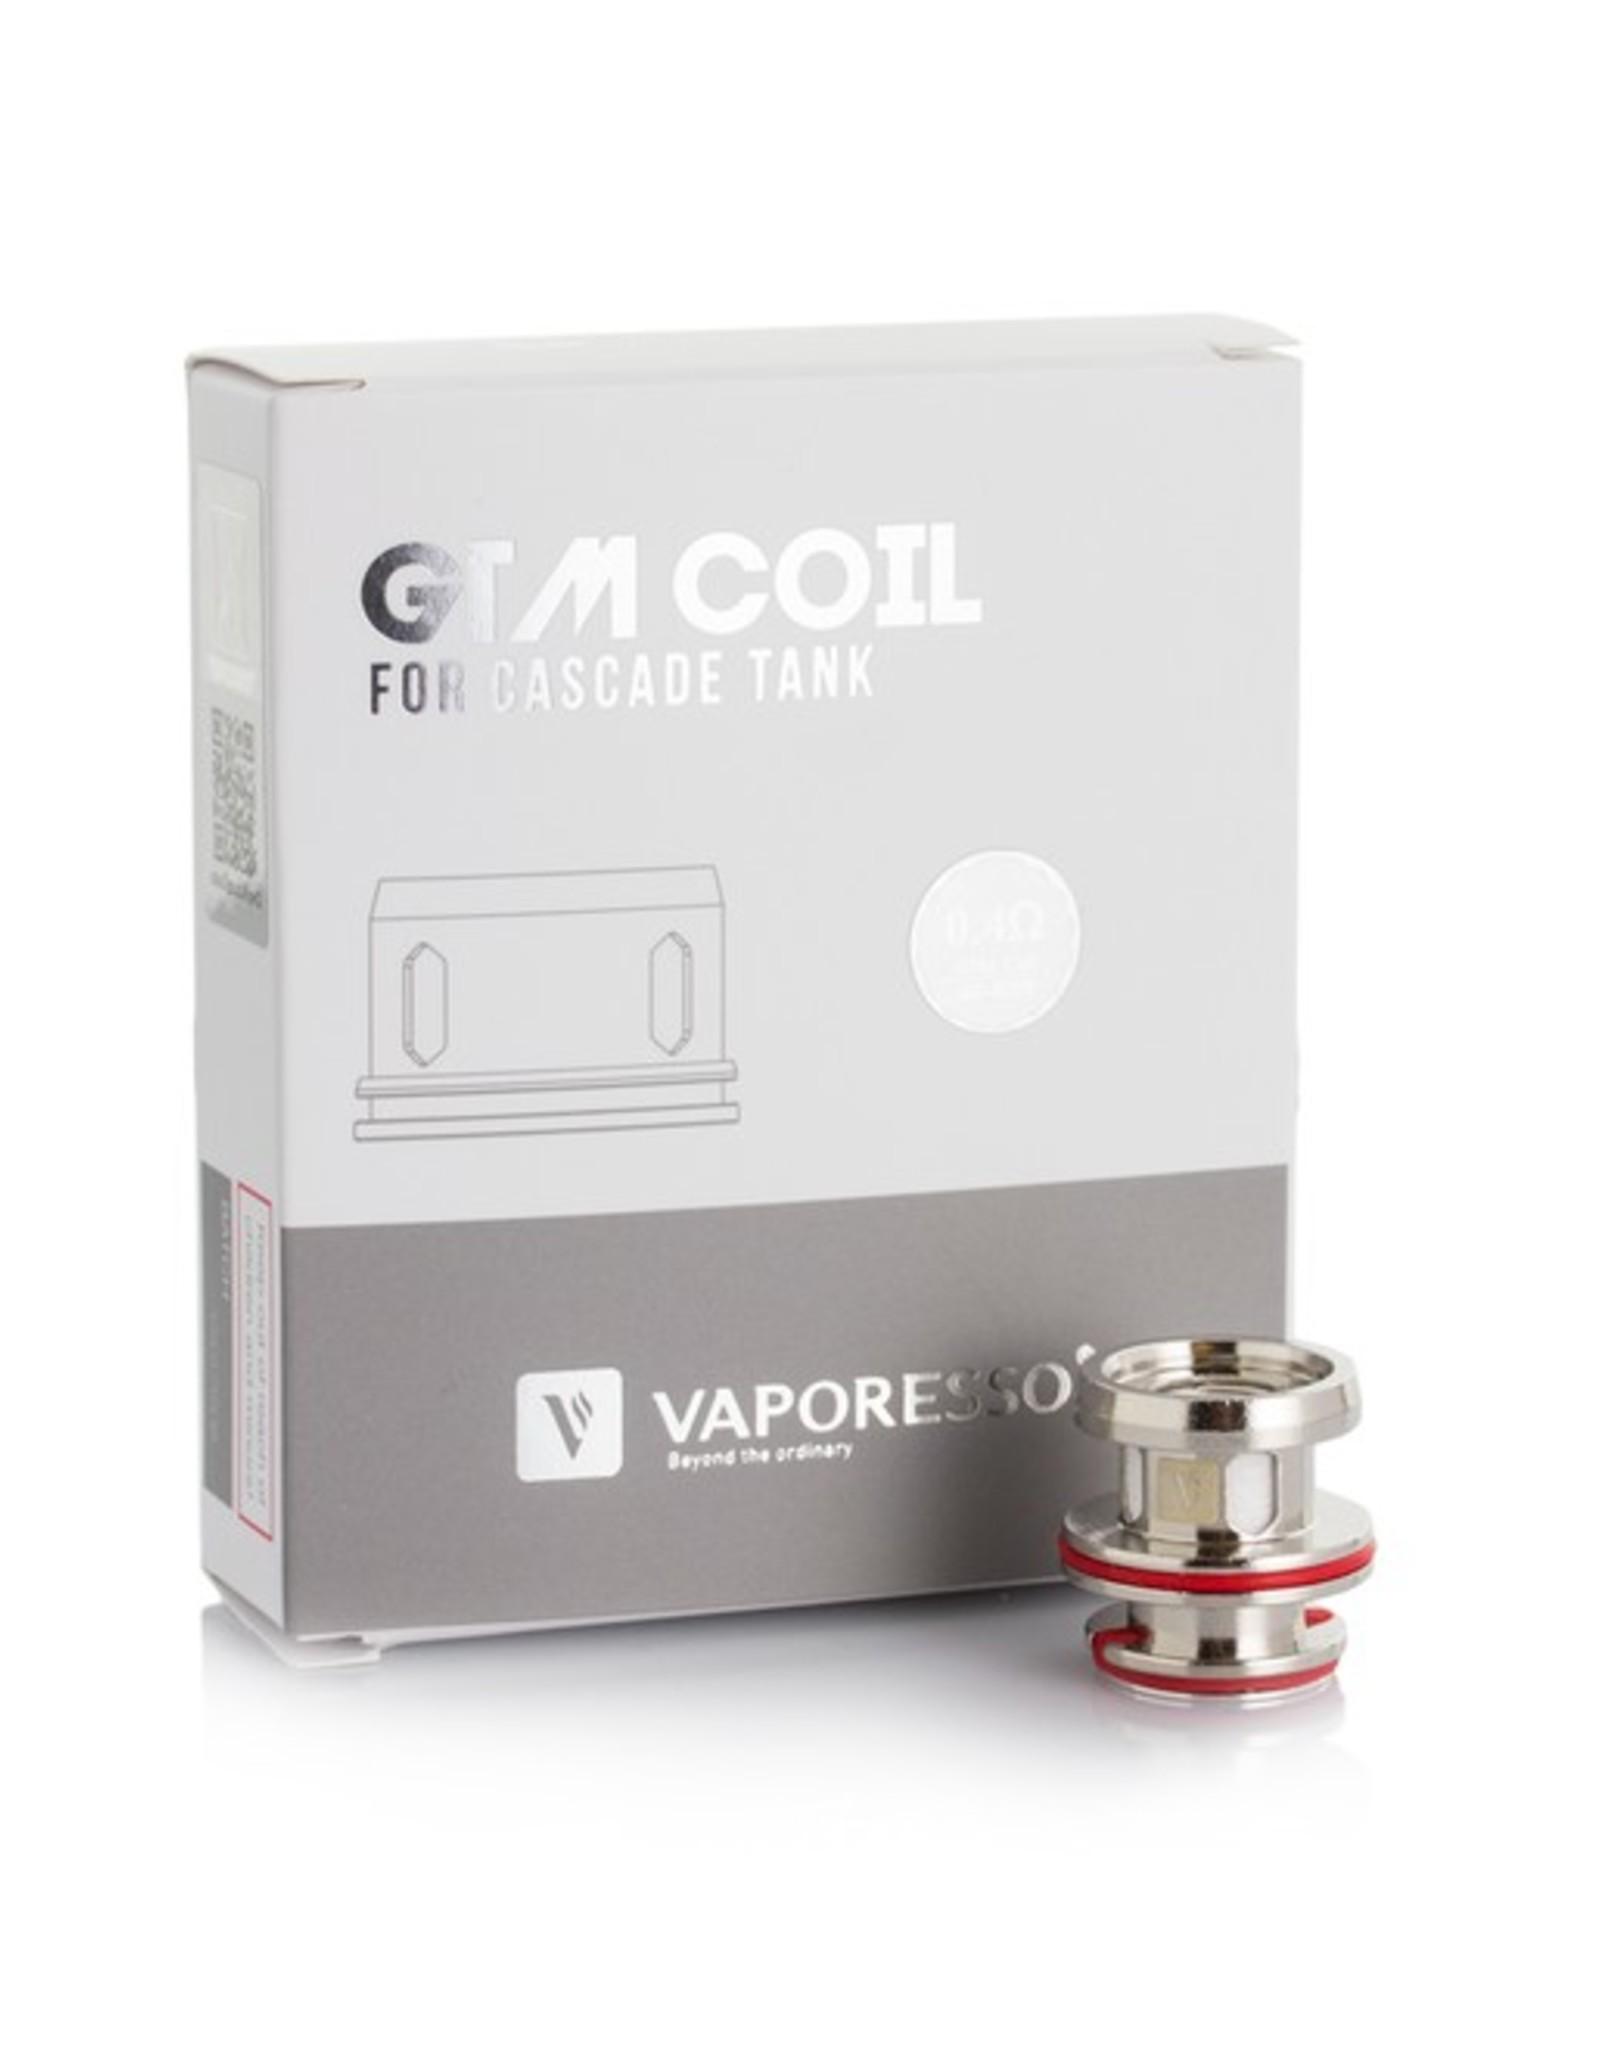 Vaporesso GTM Coil